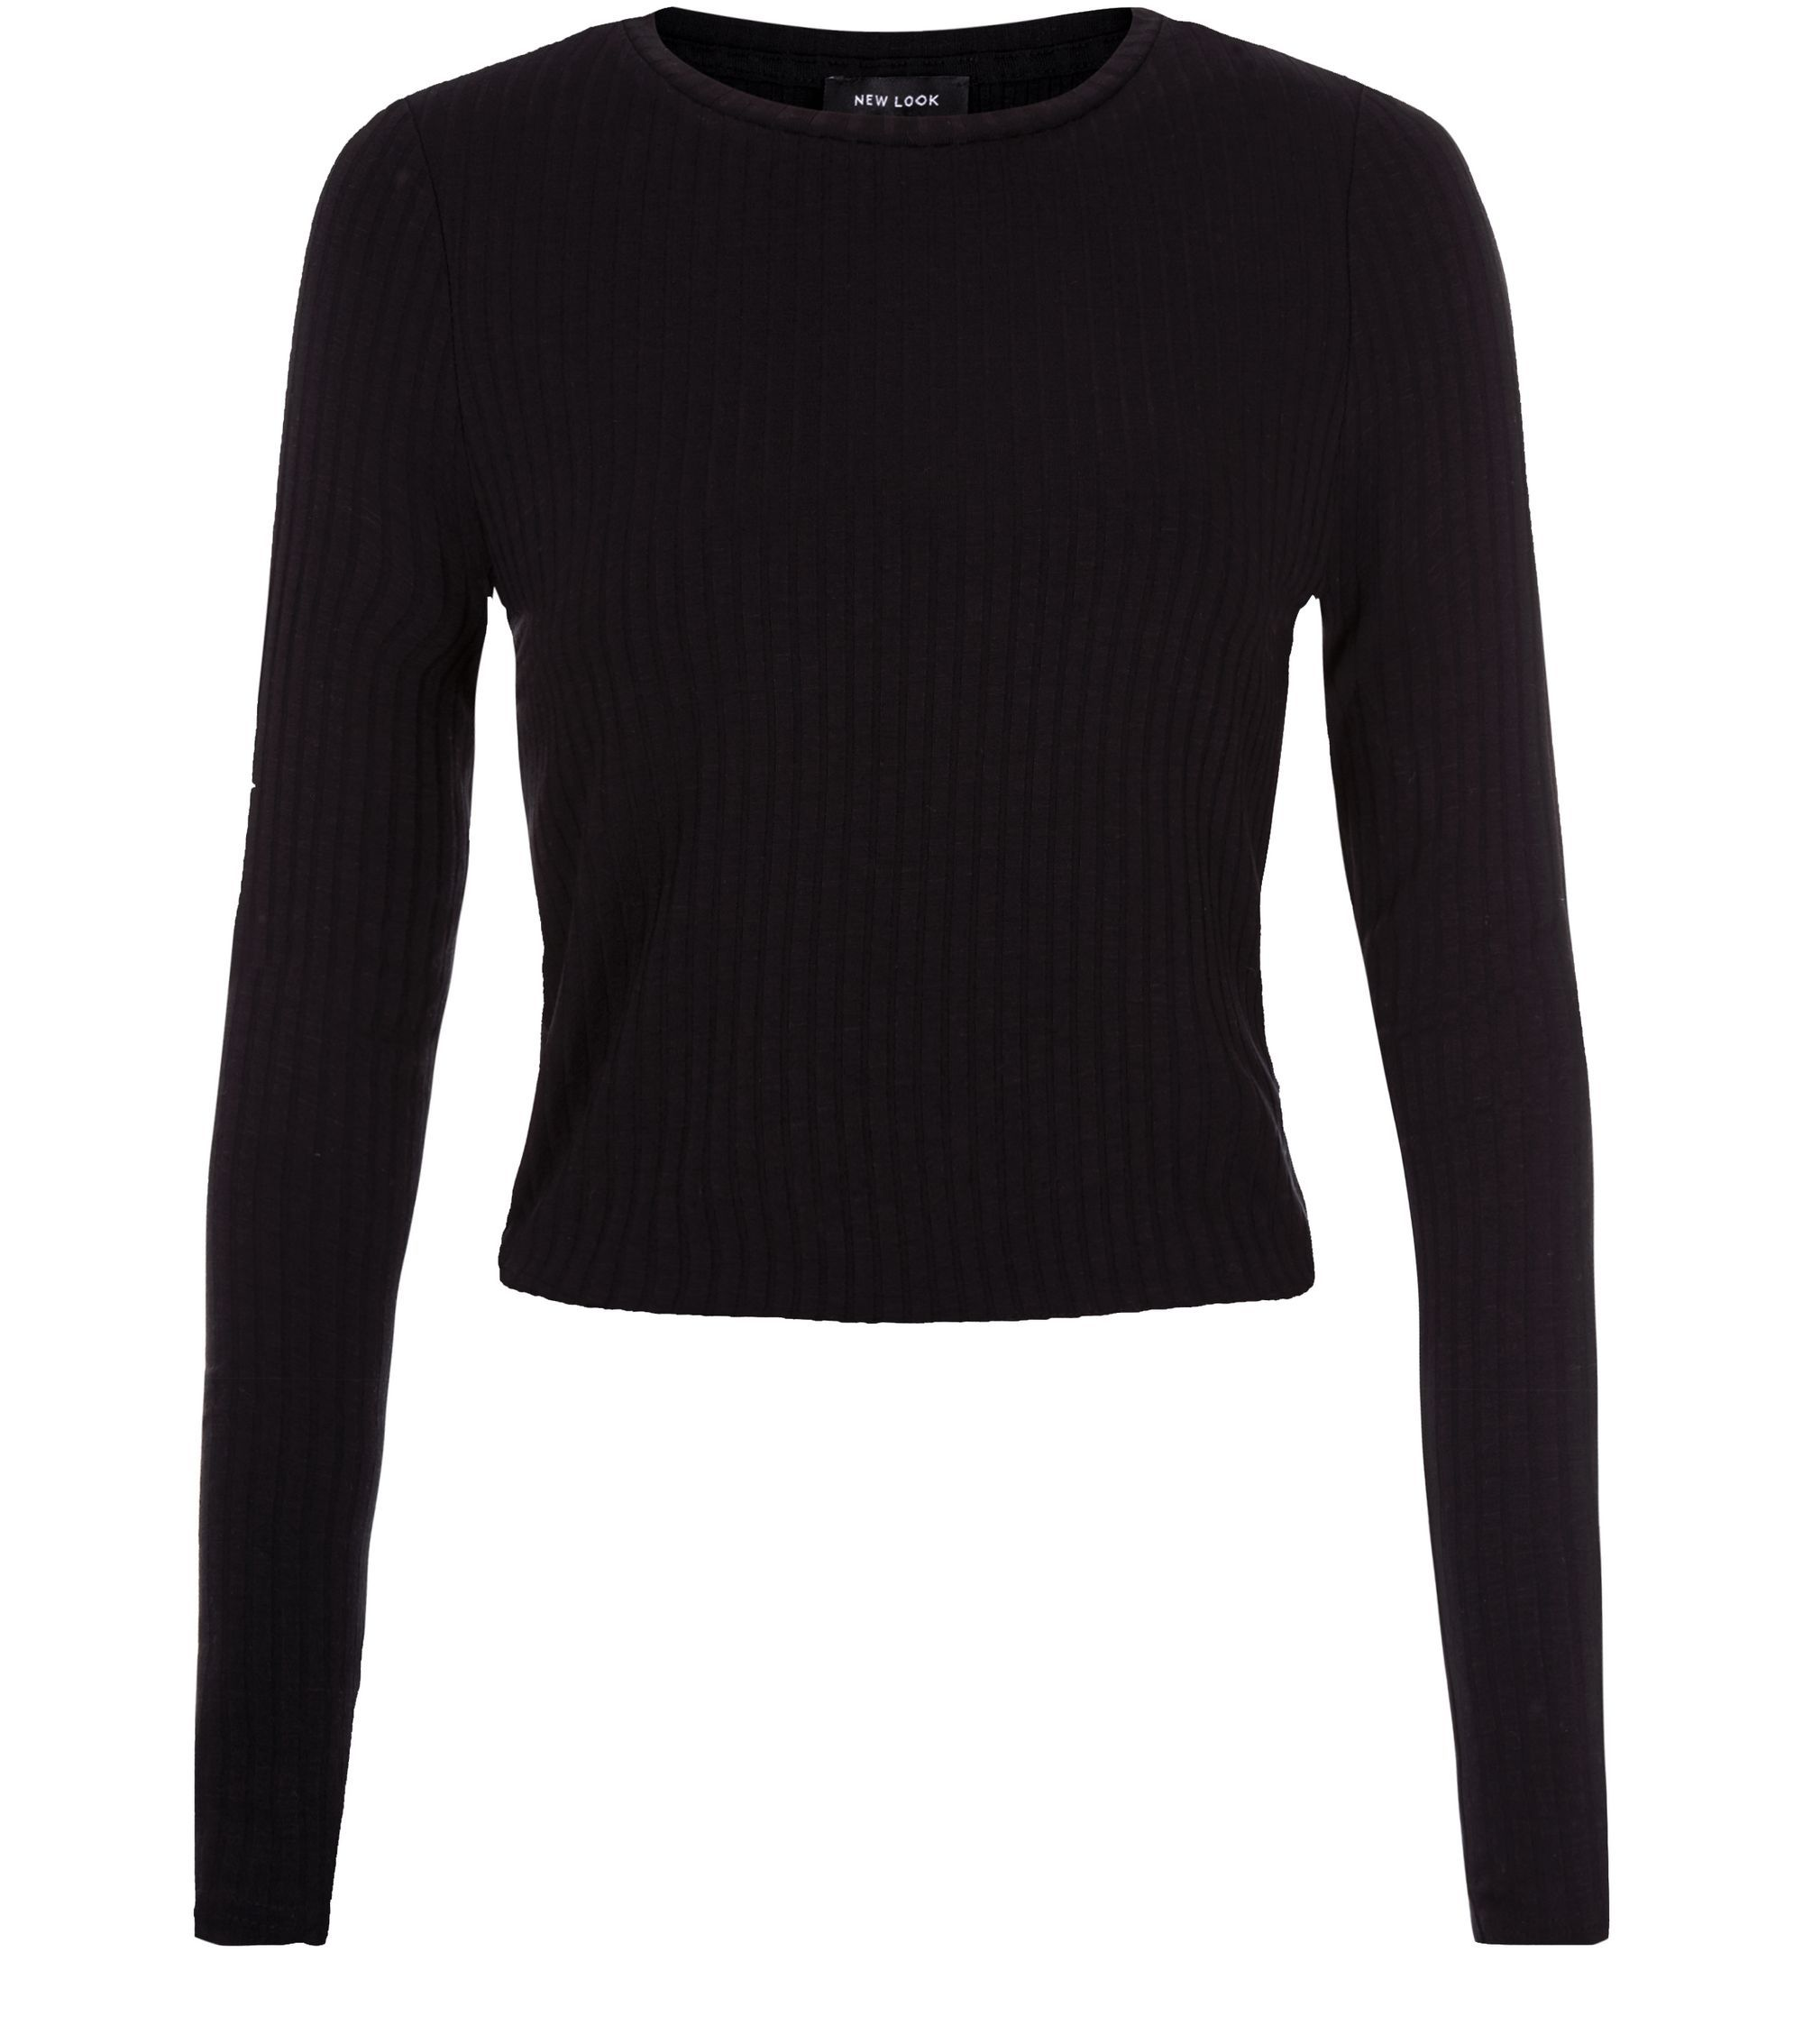 Black Ribbed Space Dye Long Sleeve Top   New Look